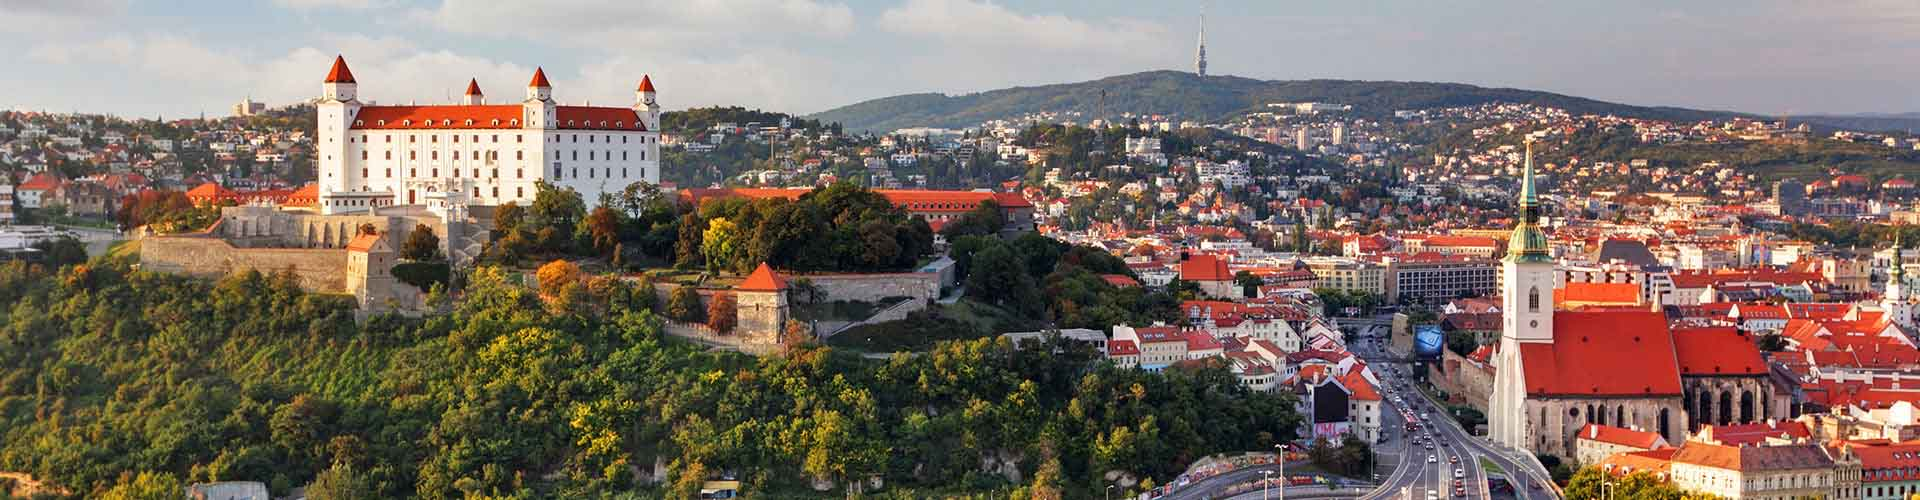 Bratislava - Hostales en Bratislava. Mapas de Bratislava, Fotos y comentarios de cada Hostal en Bratislava.